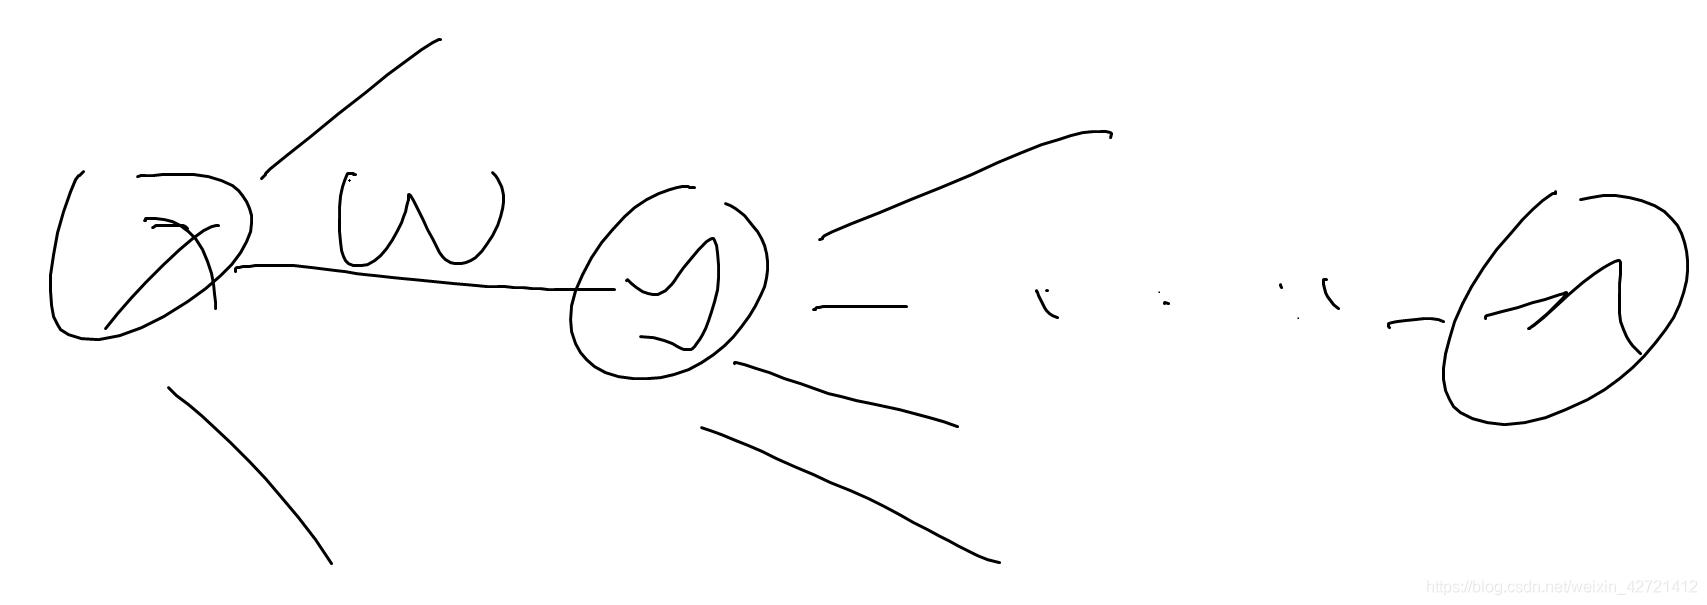 洛谷:P4316 绿豆蛙的归宿(数学)